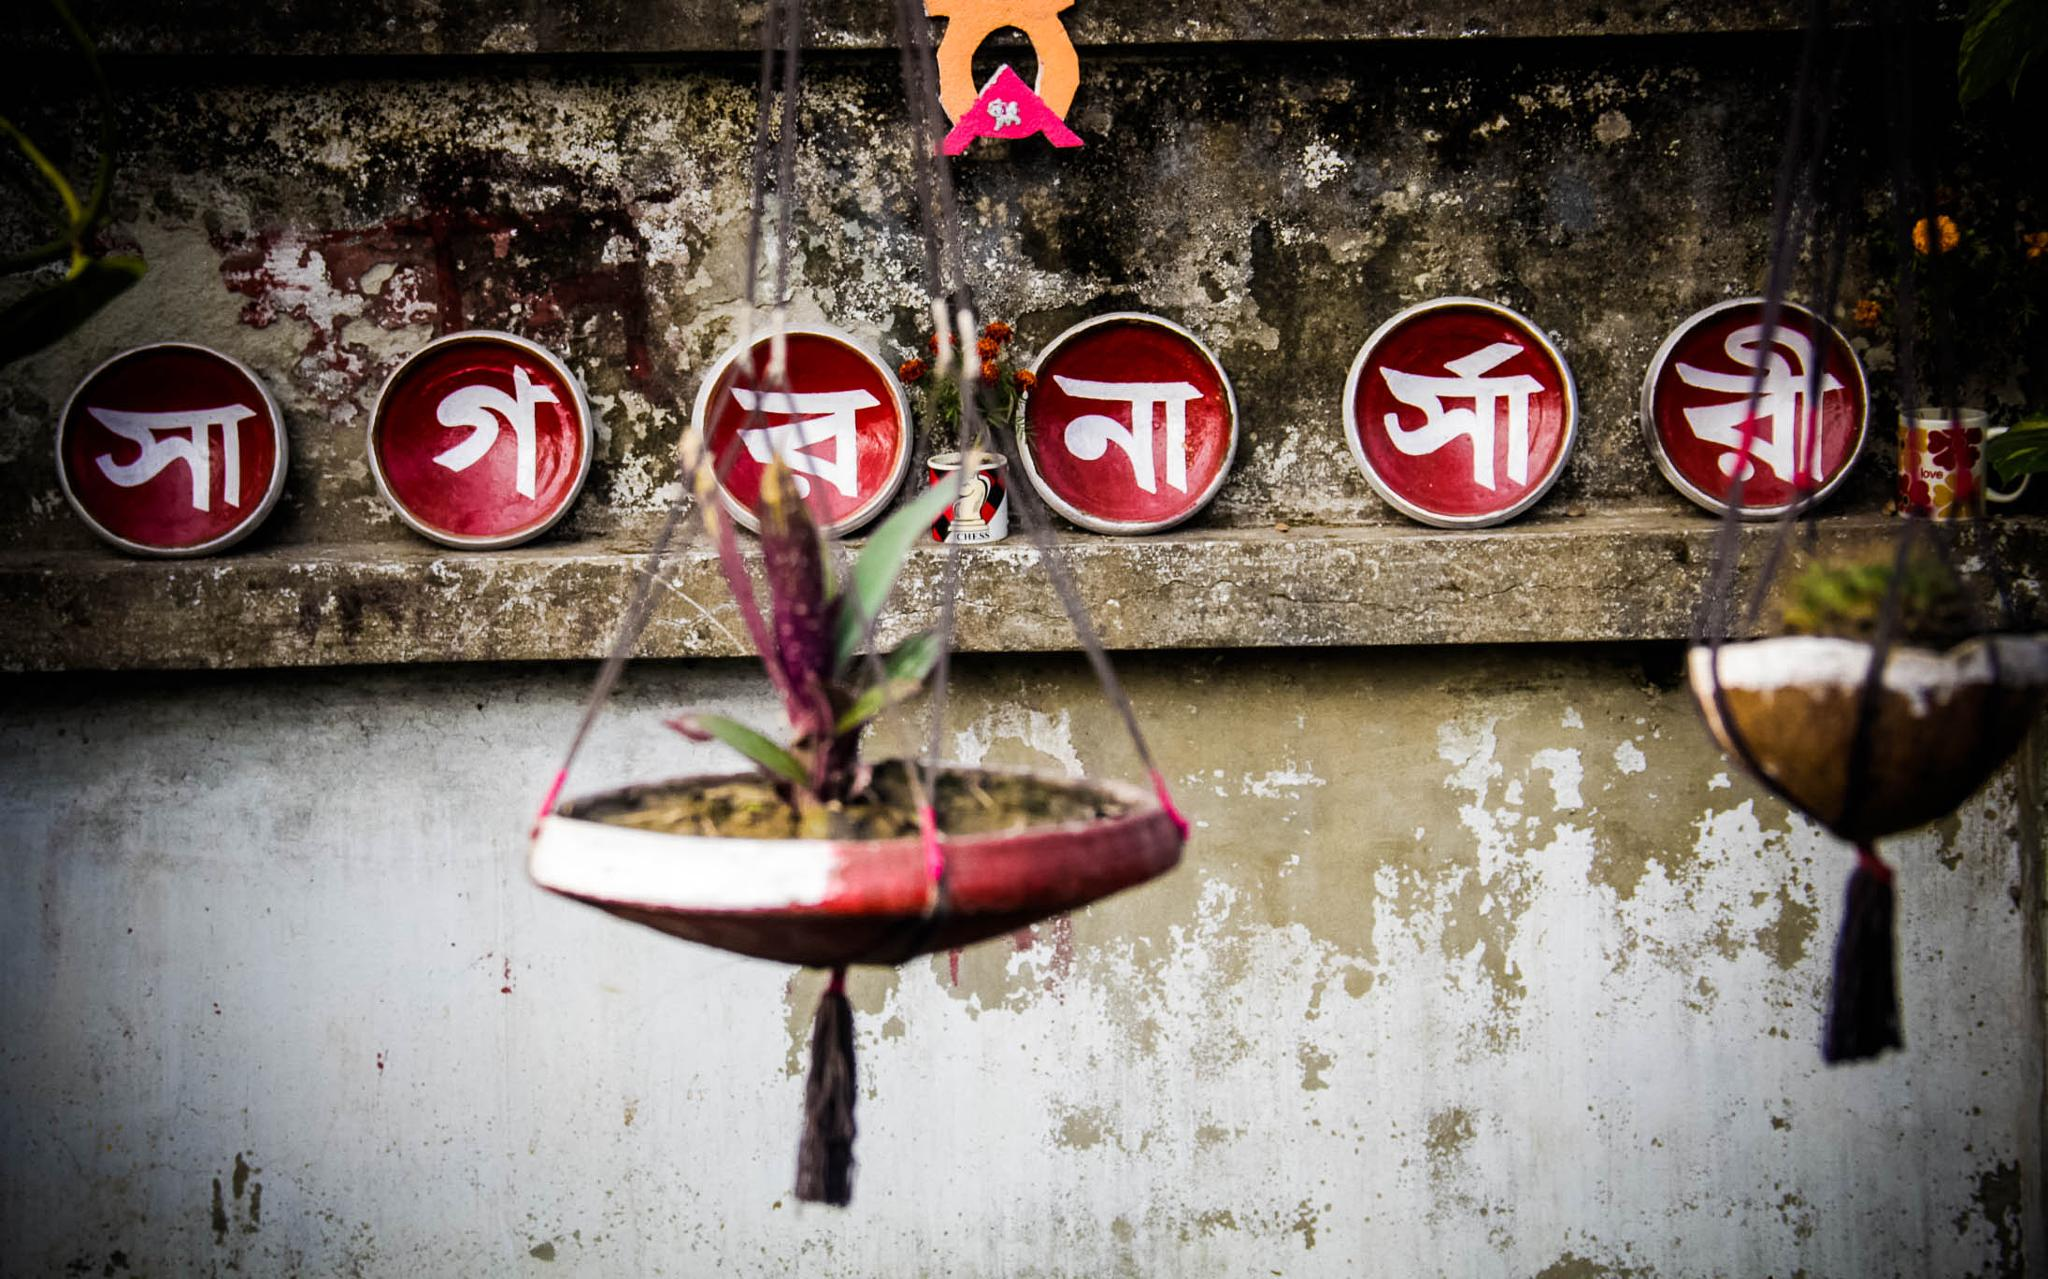 Untitled by Sanjib Panday Milon